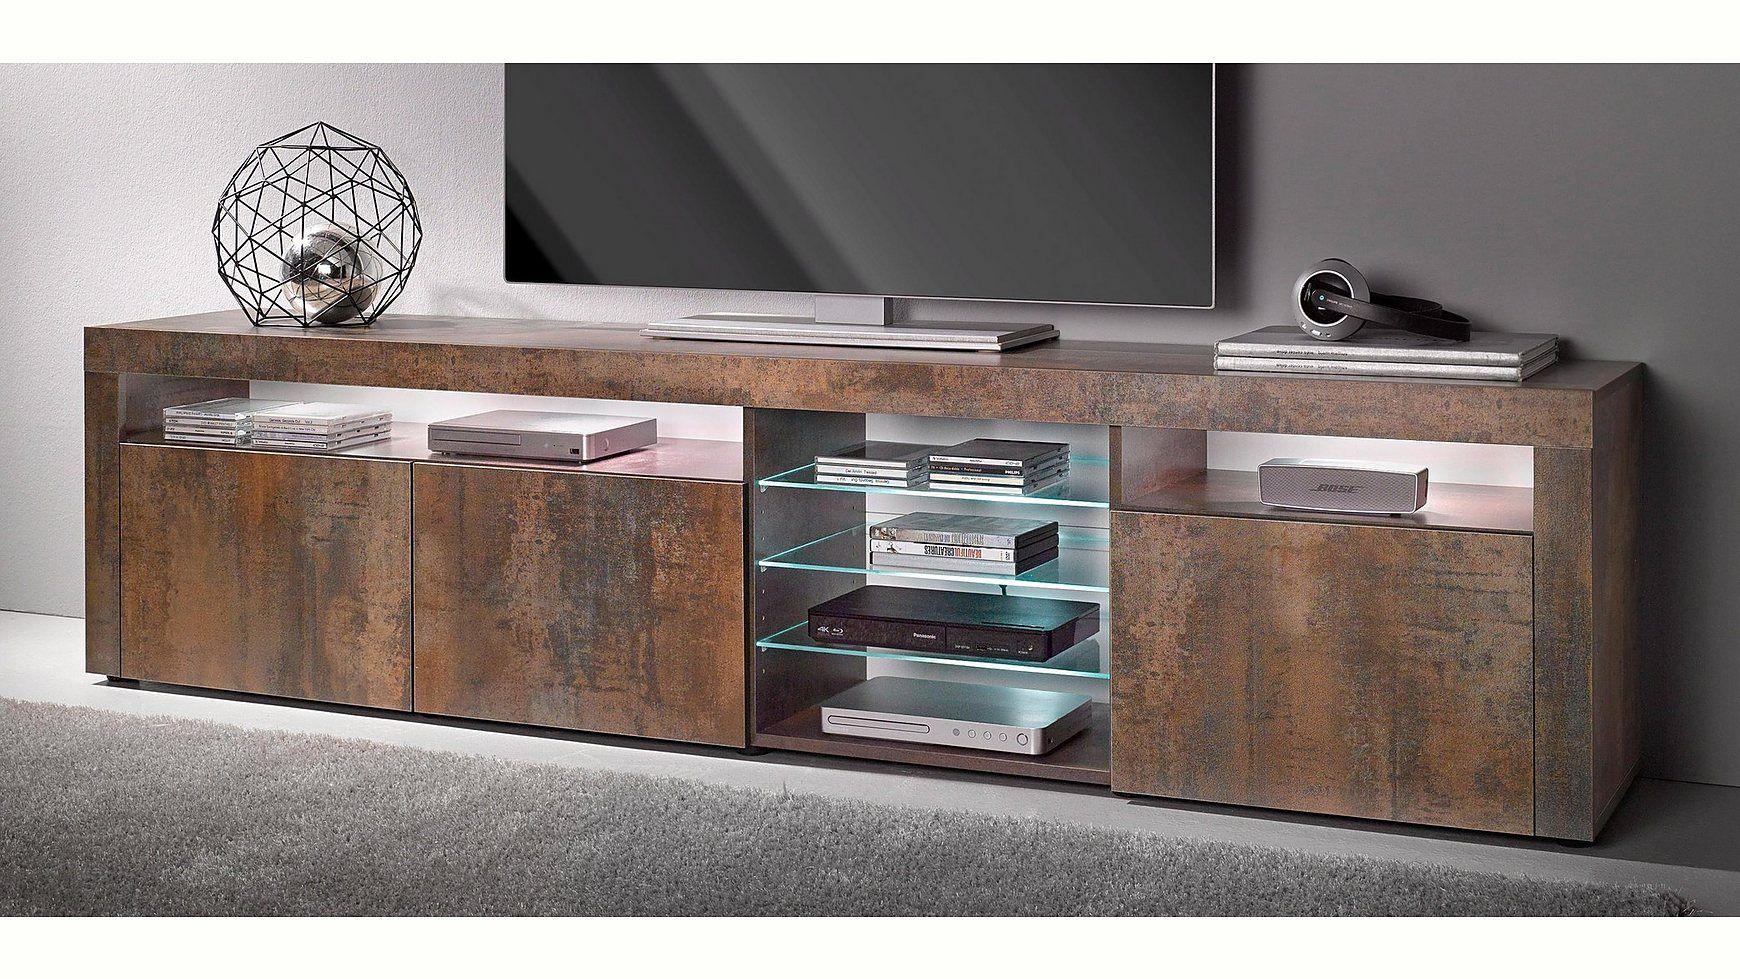 Lowboard Breite 200 Cm Cnouch Lowboard Glasboden Wolle Kaufen